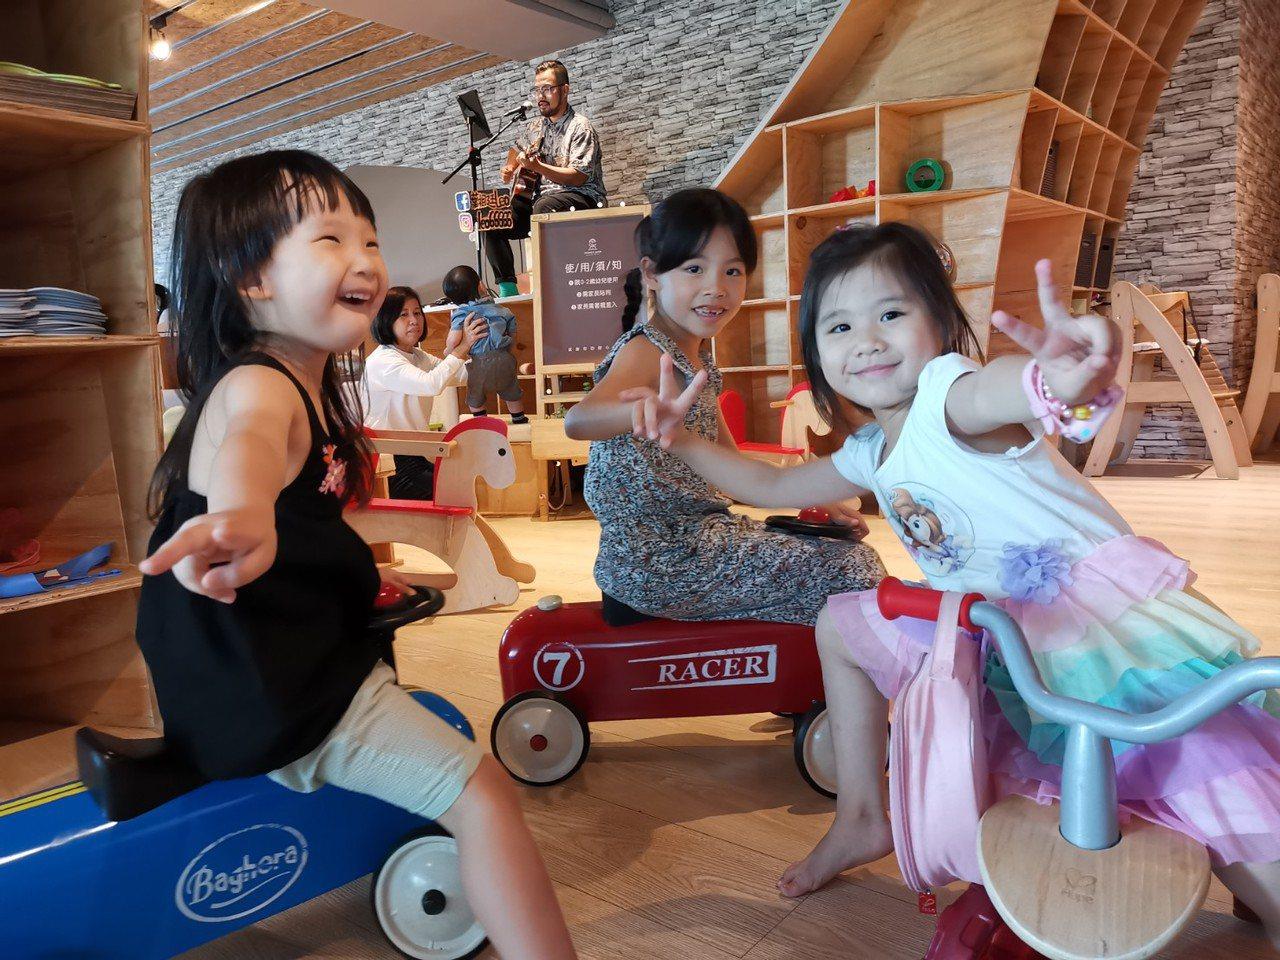 餐廳內有售價不斐的Baghera法國精品騎乘車,背後還有駐唱歌手,可說是誠意滿分...